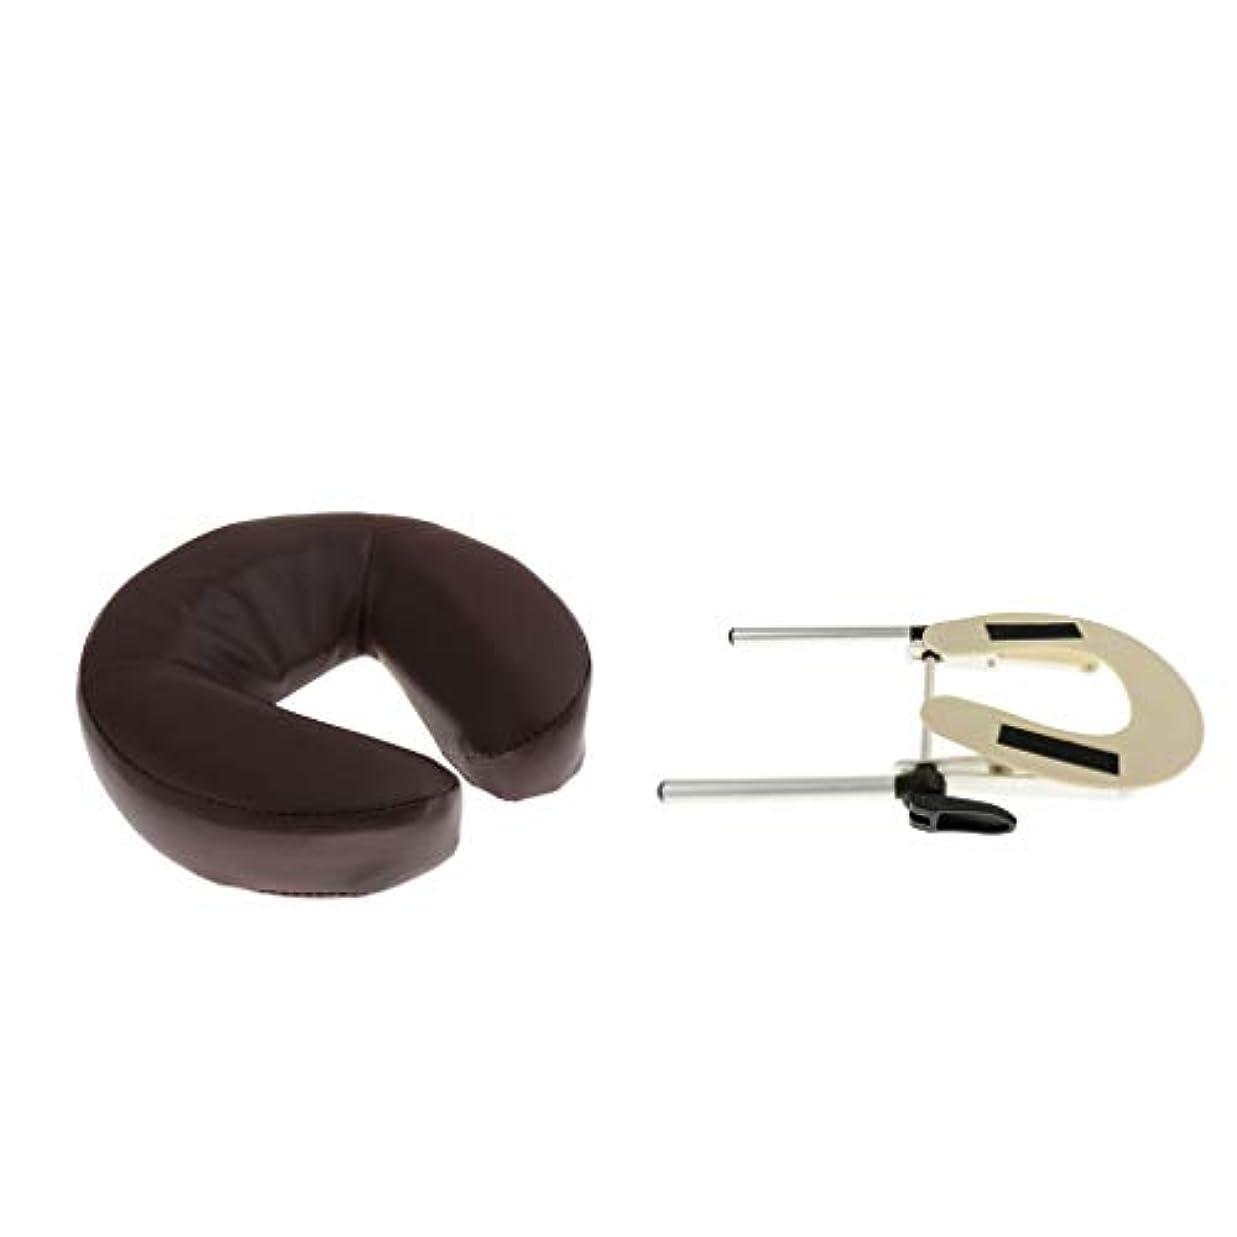 ロッカー伝統時代dailymall ソフトフェイスダウン枕付きマッサージテーブル用フェイスクレードルピローブラケットホルダー